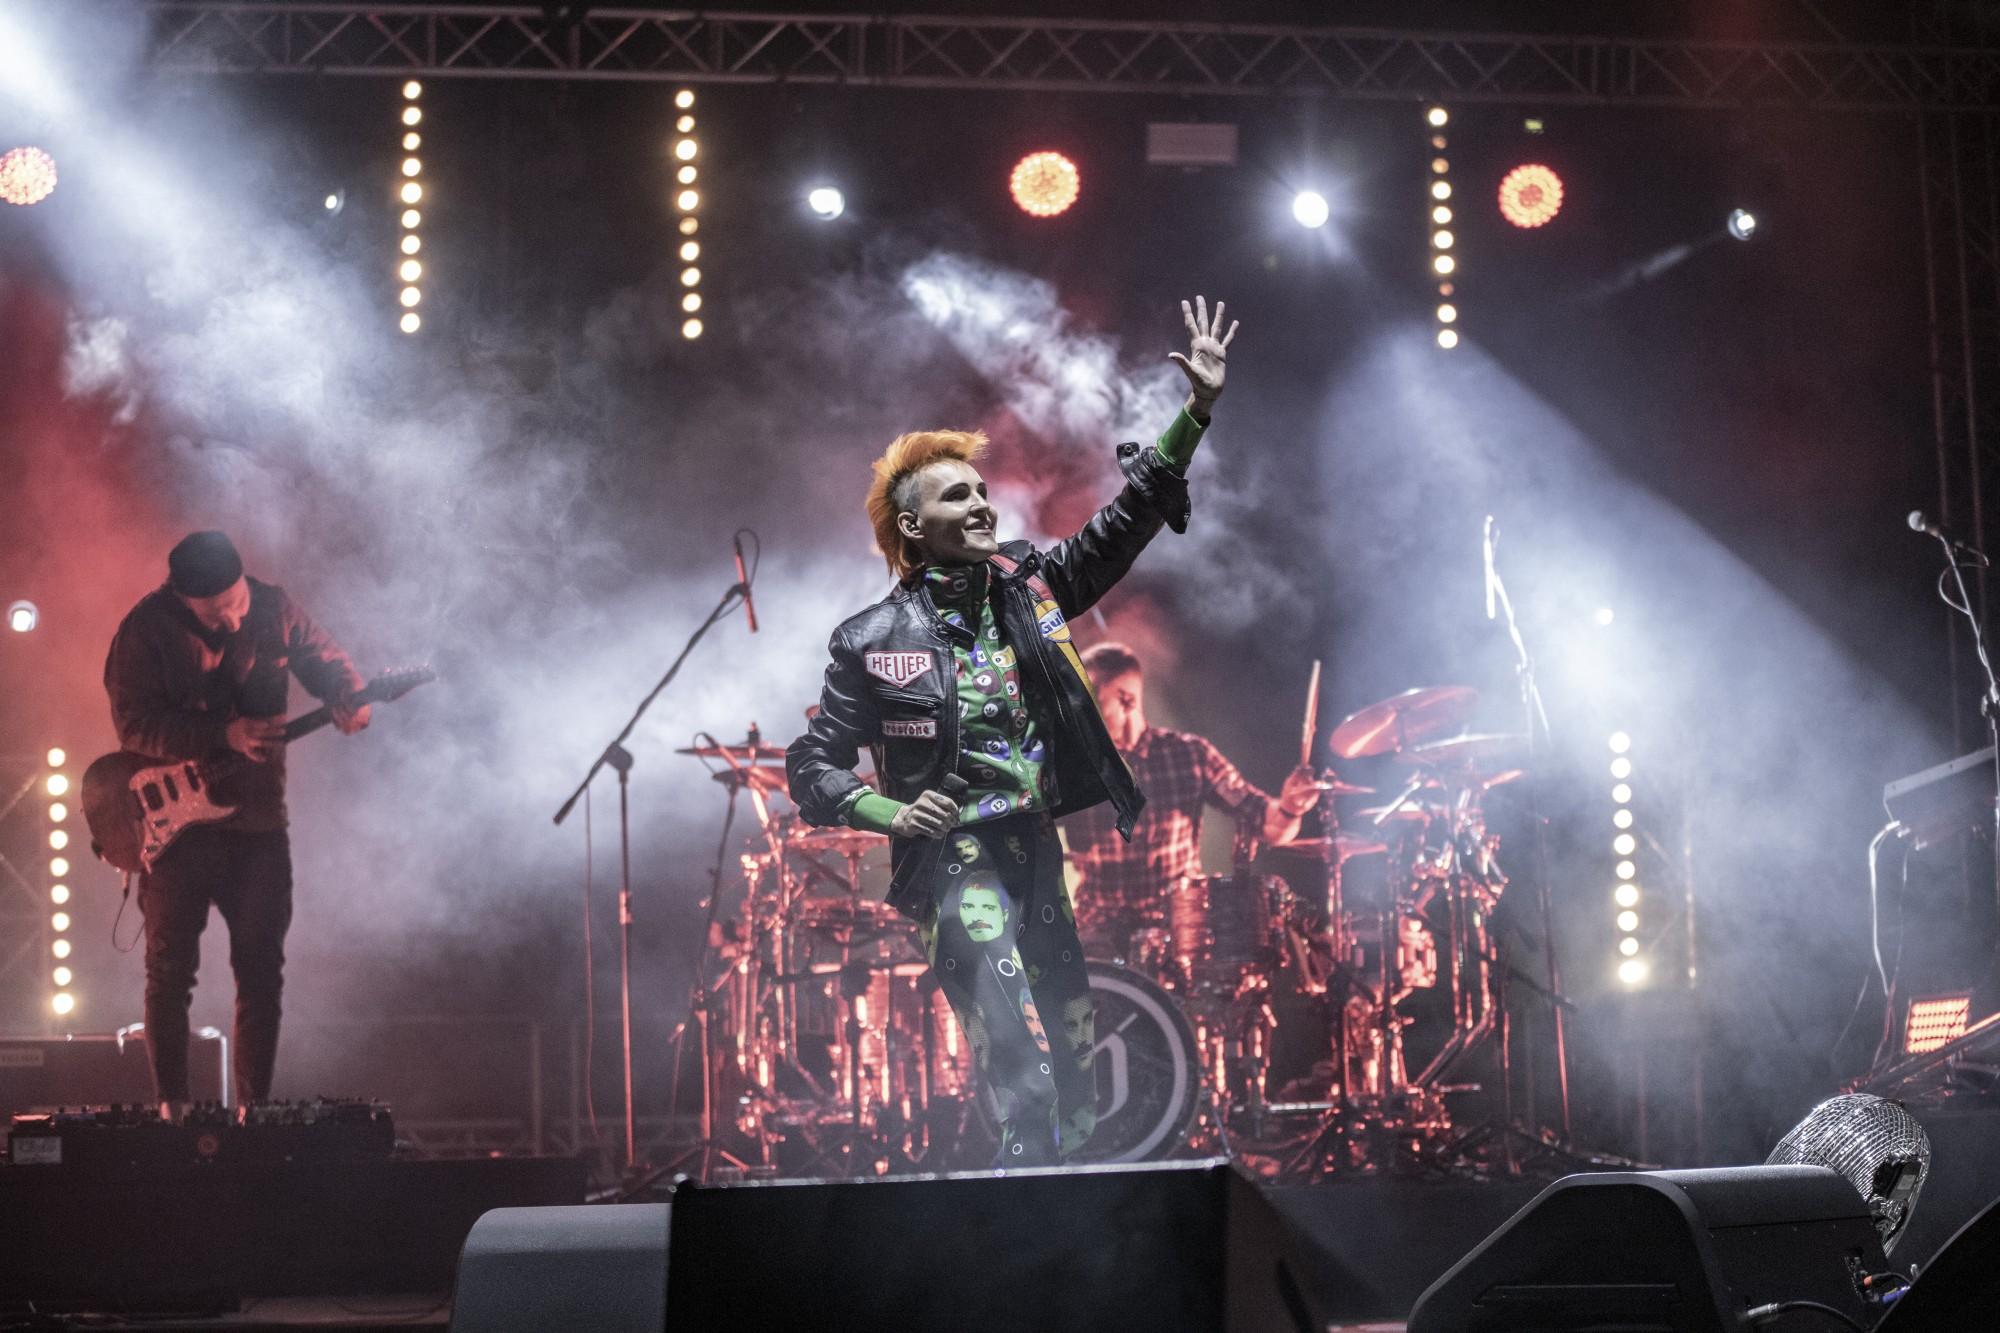 Mocny finał Święta Róży. Agnieszka Chylińska zachwyciła kutnowską publiczność! [ZDJĘCIA] - Zdjęcie główne